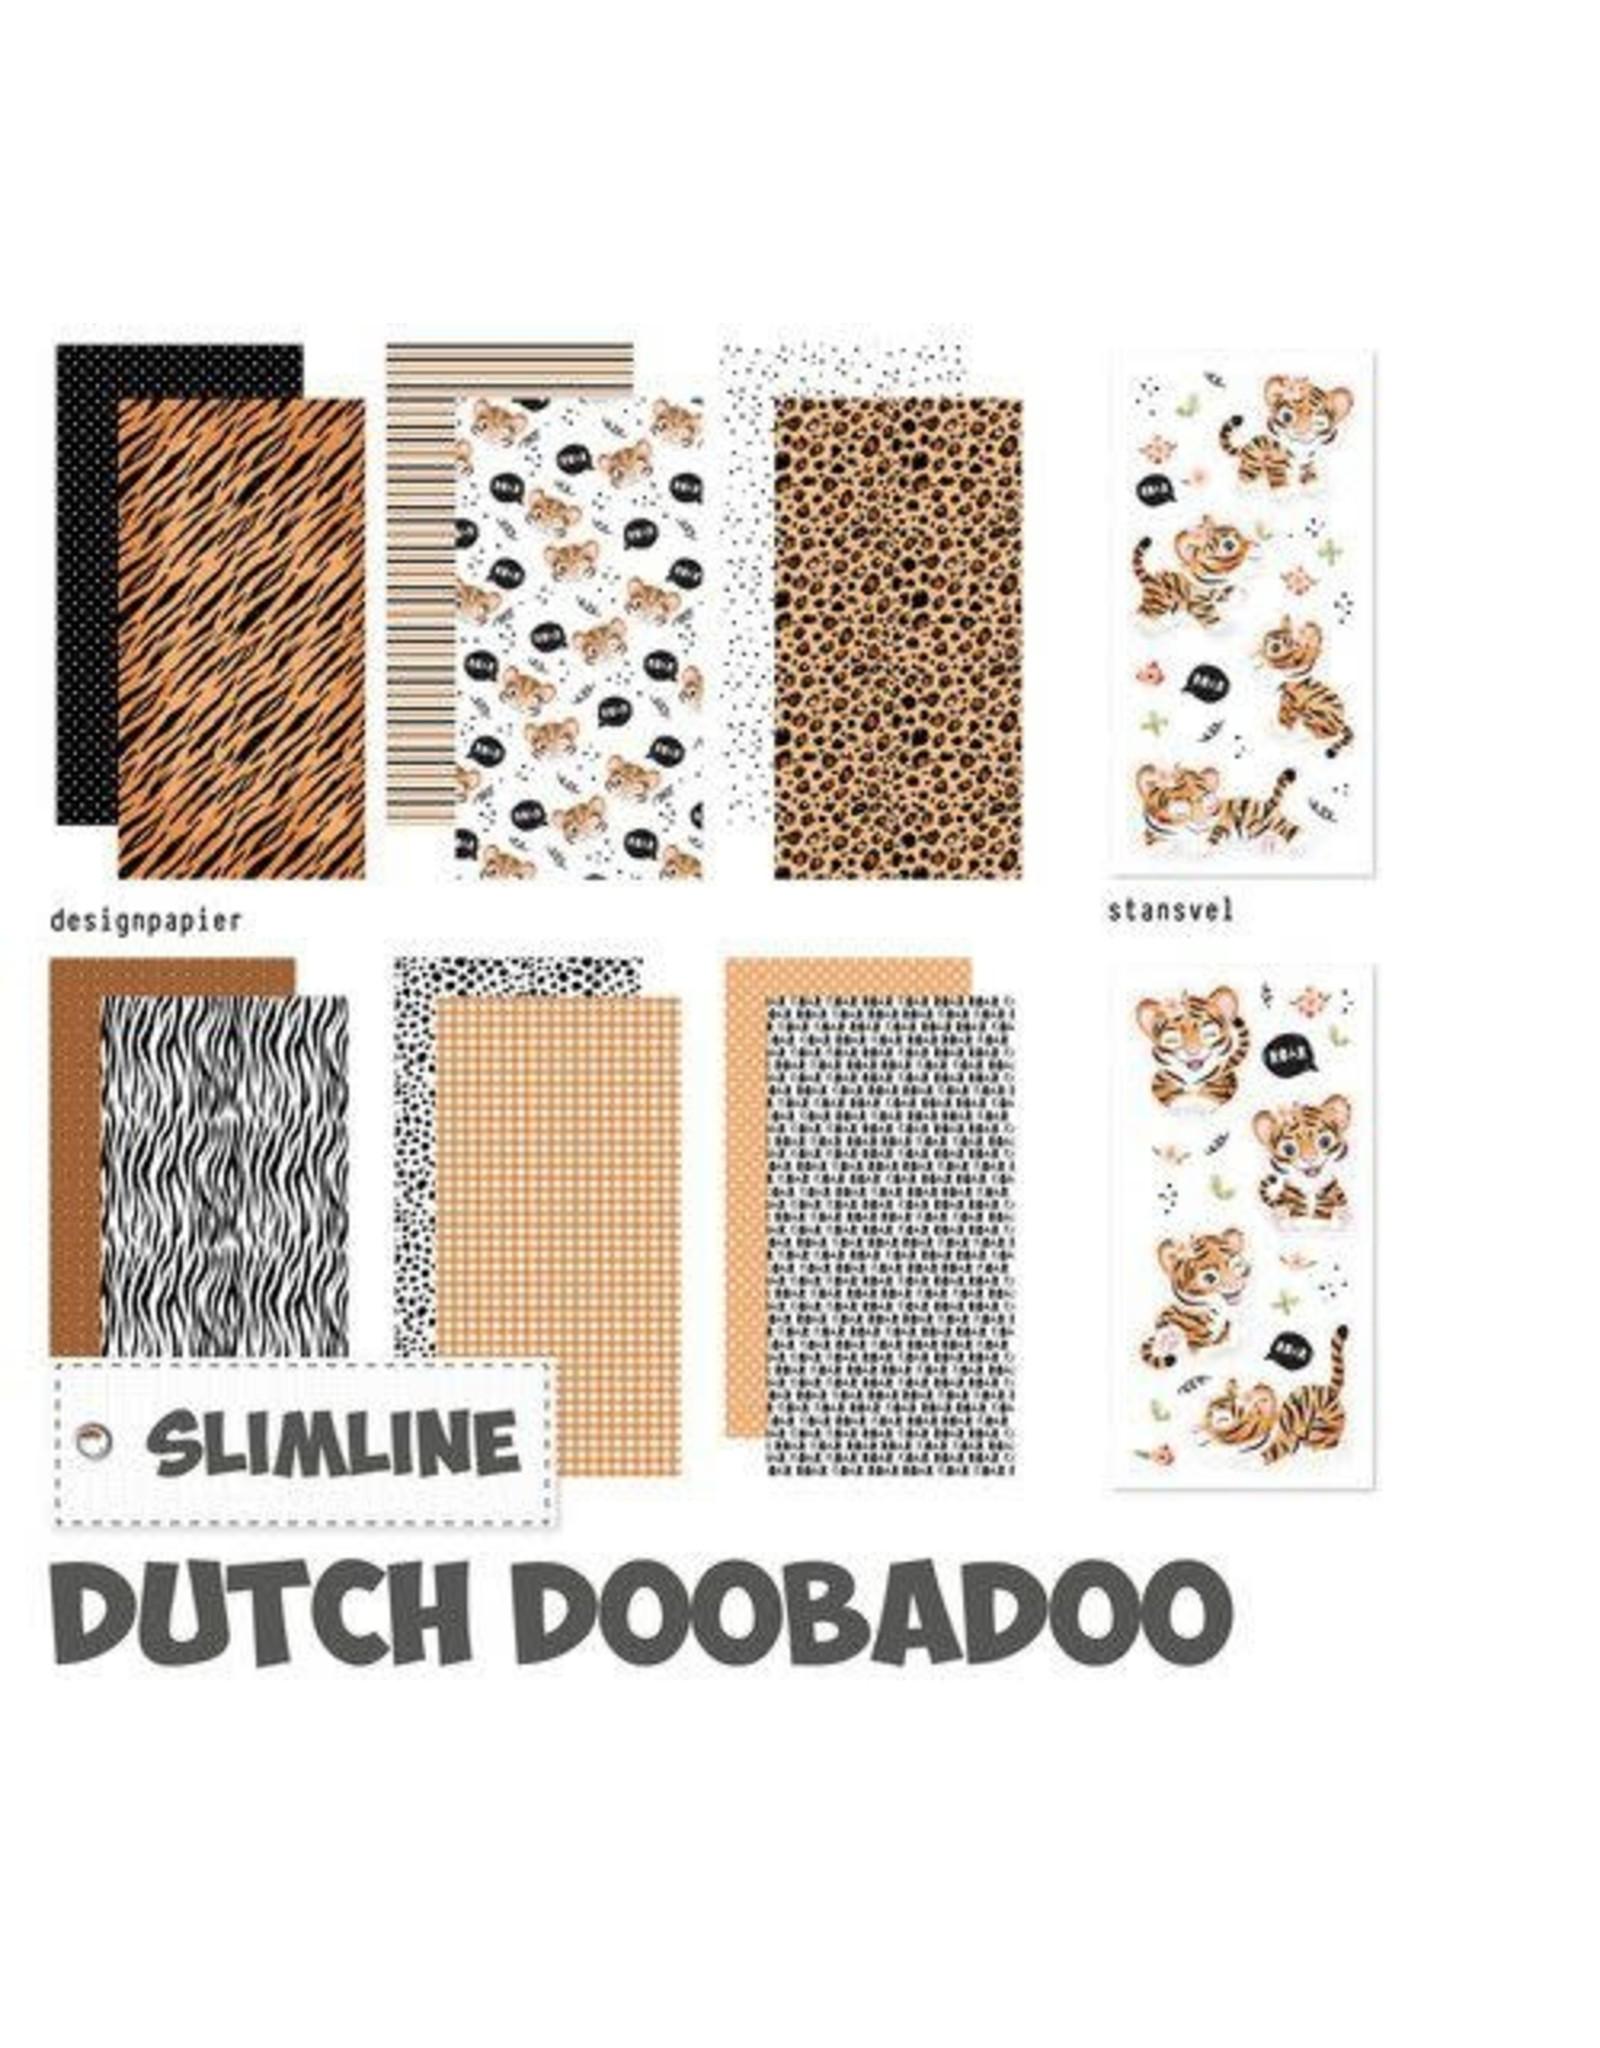 Dutch Doobadoo Dutch Doobadoo Crafty Kit Slimline Wild about you 473.005.018 10,5x21cm